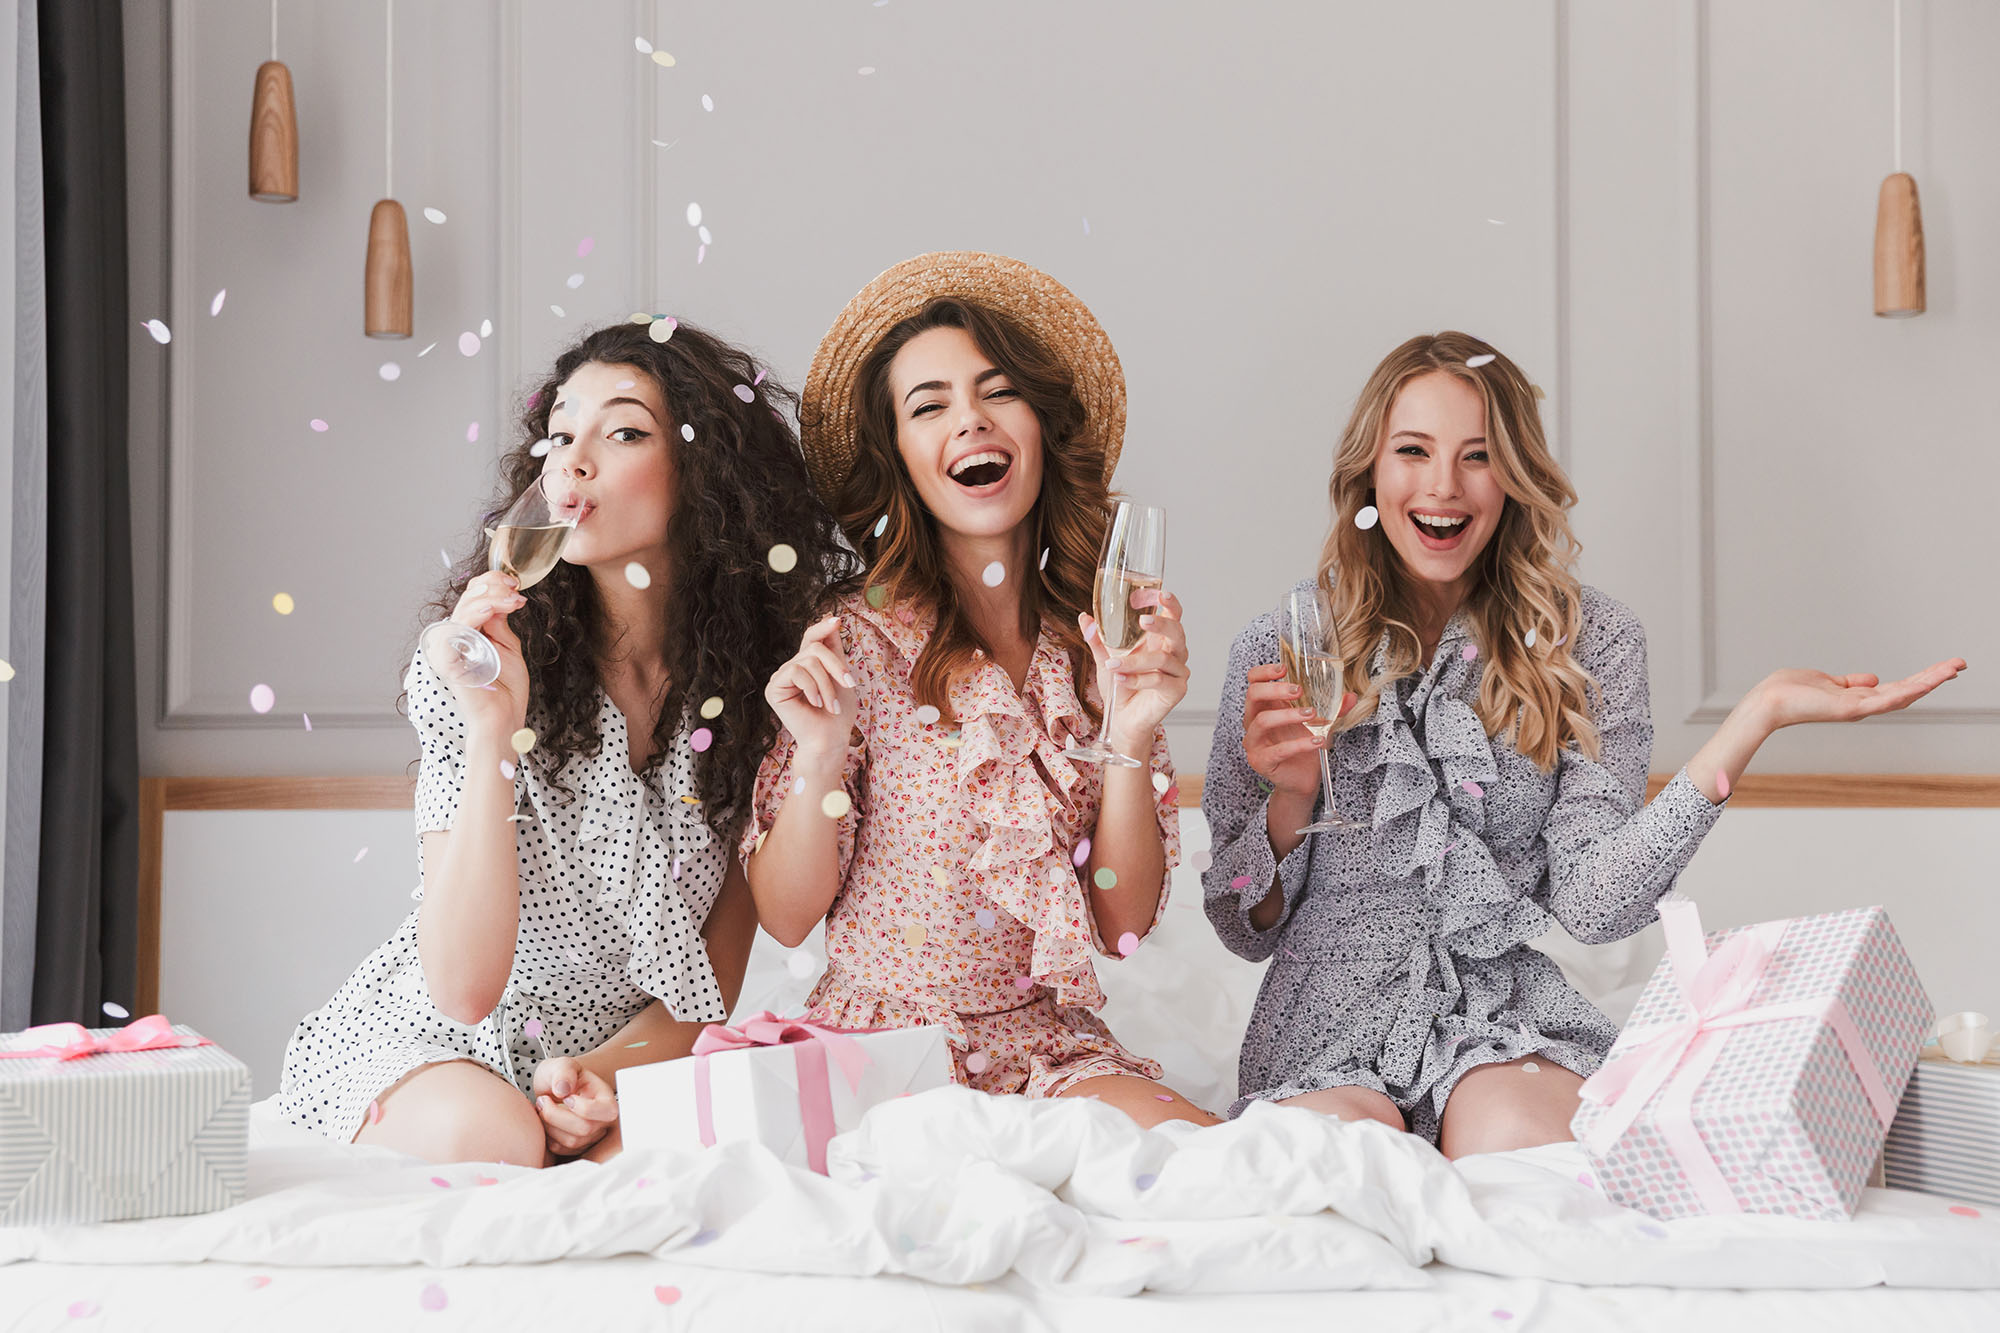 Drei junge Frauen sitzen auf dem Bett, trinken Sekt und werfen Konfetti. Es ist eine Jungegesellenabschiedsparty